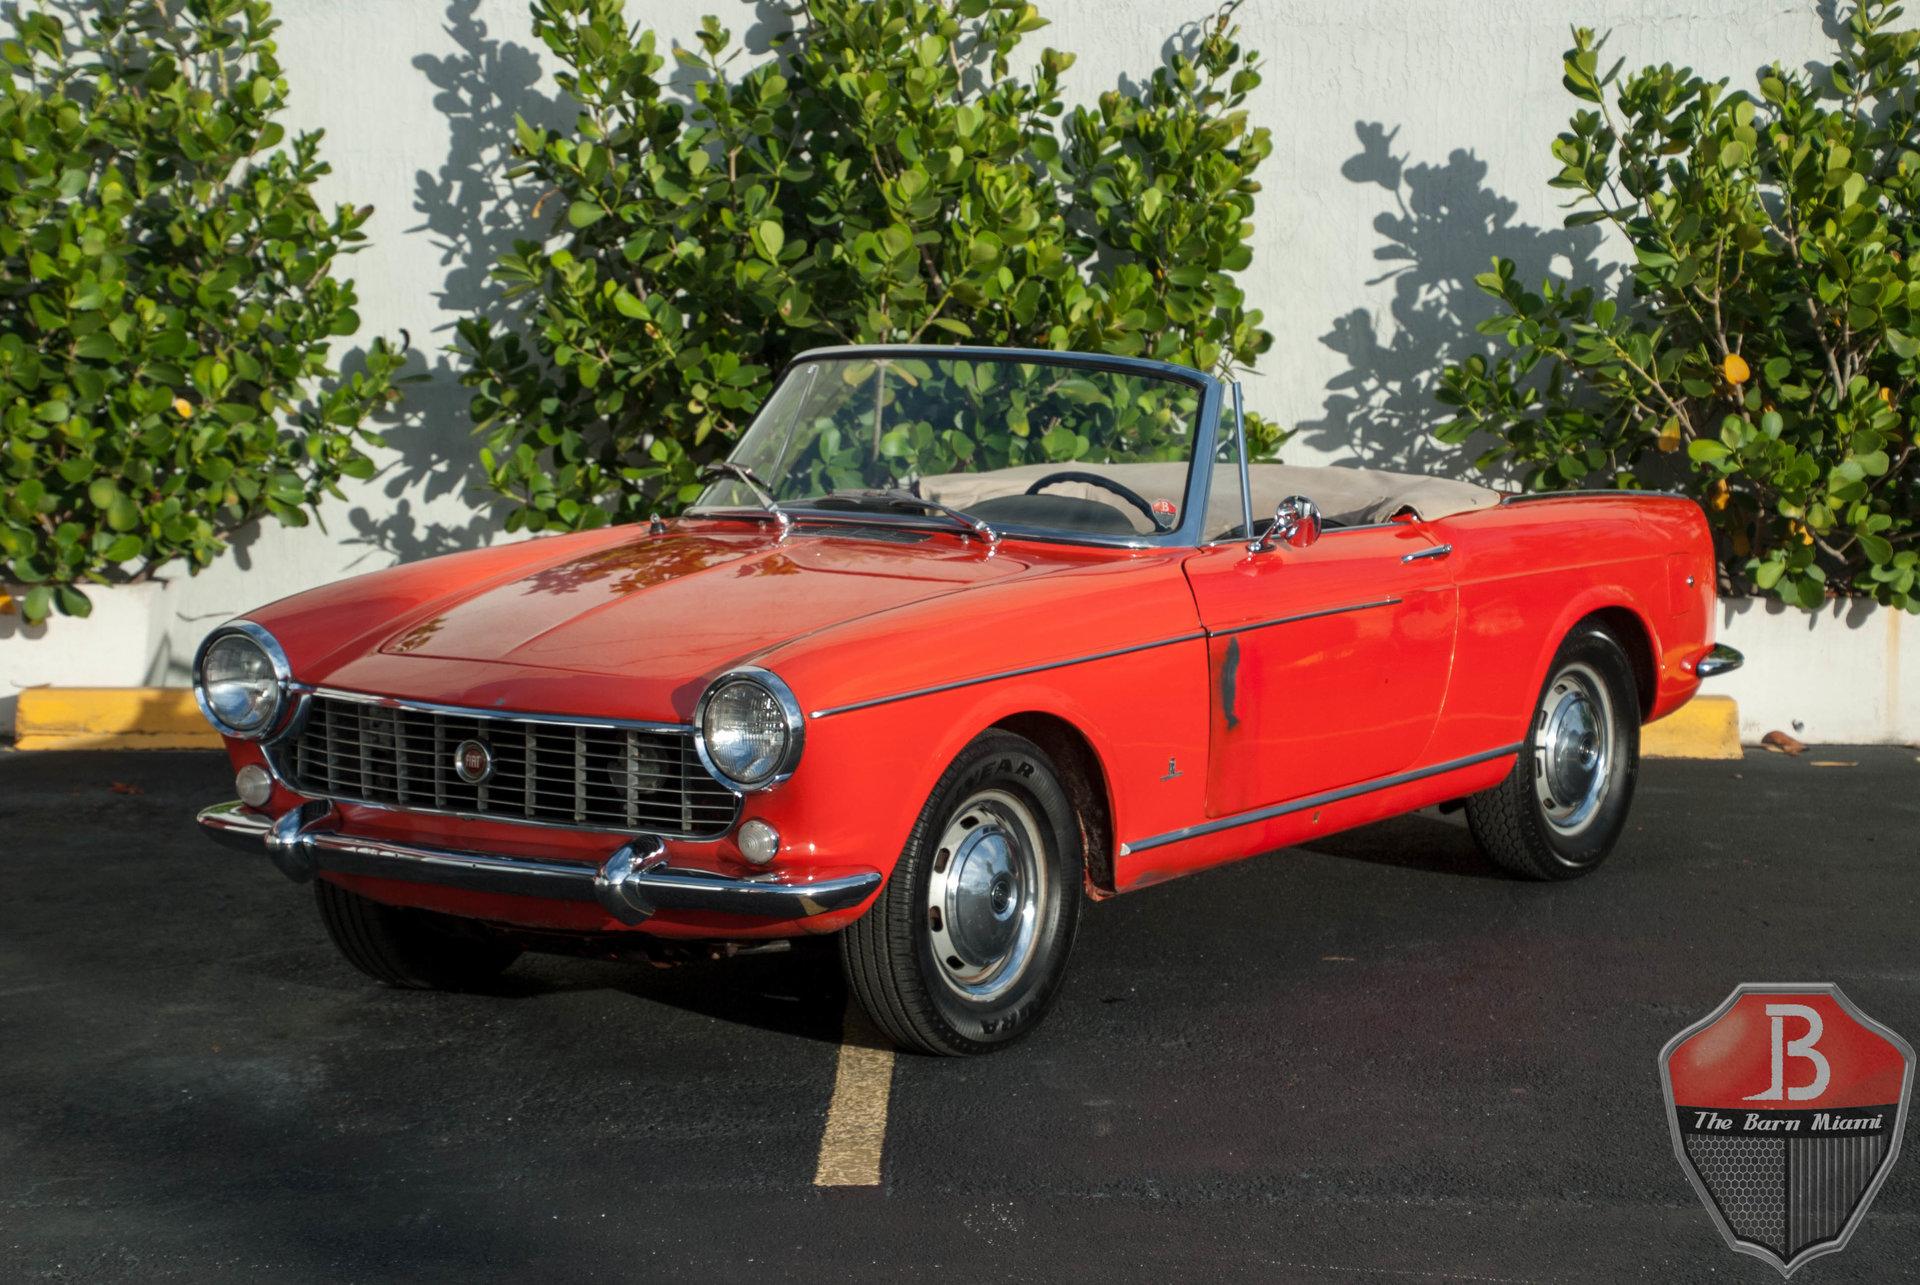 1967 Fiat 1500 The Barn Miami